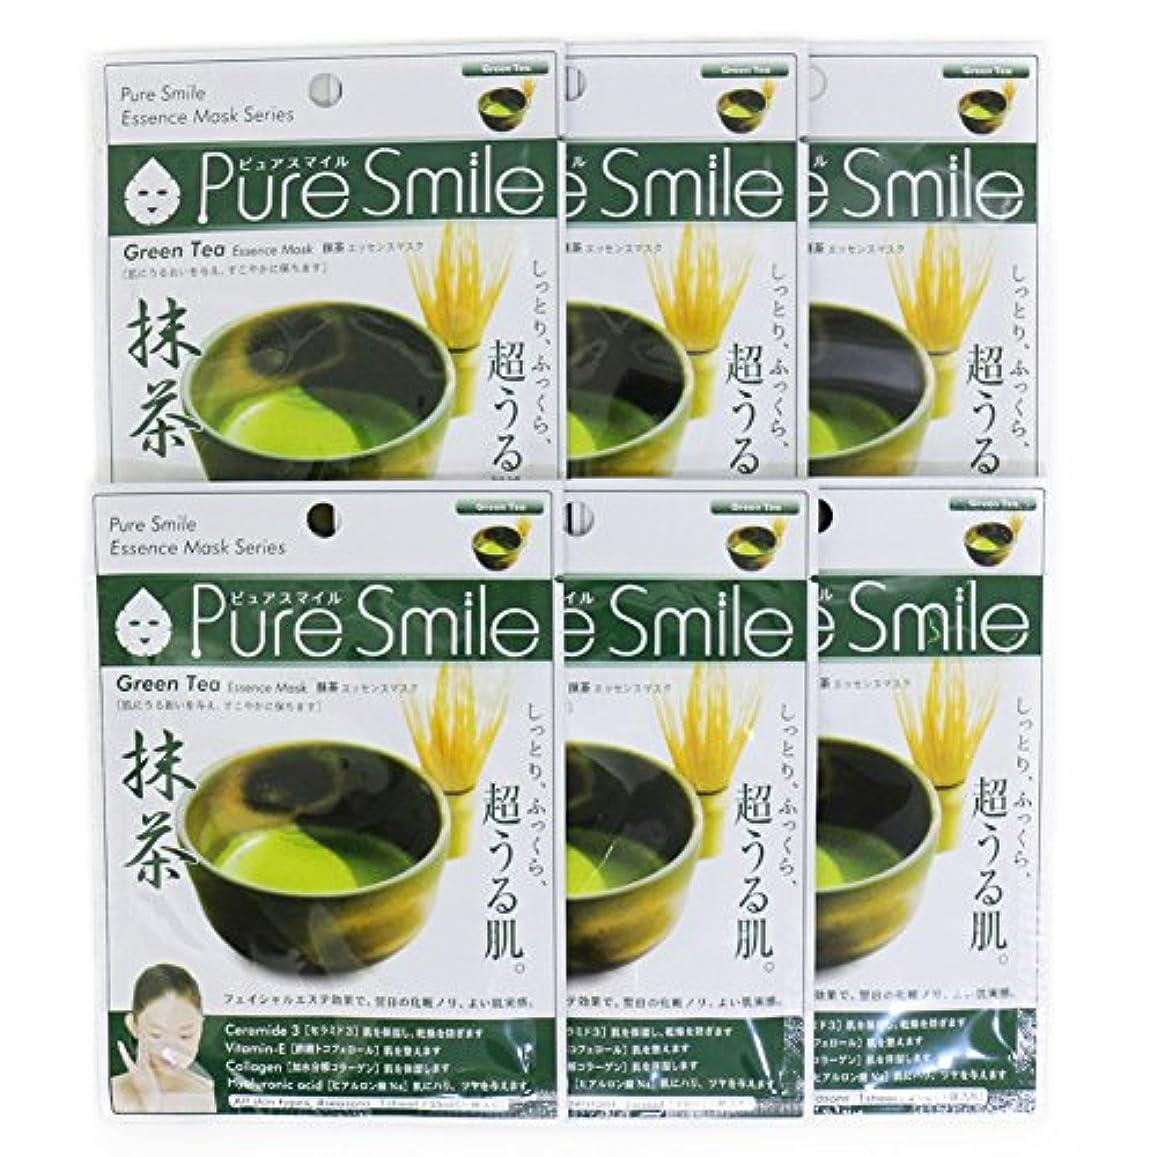 地域のギャンブルバスケットボールPure Smile ピュアスマイル エッセンスマスク 抹茶 6枚セット